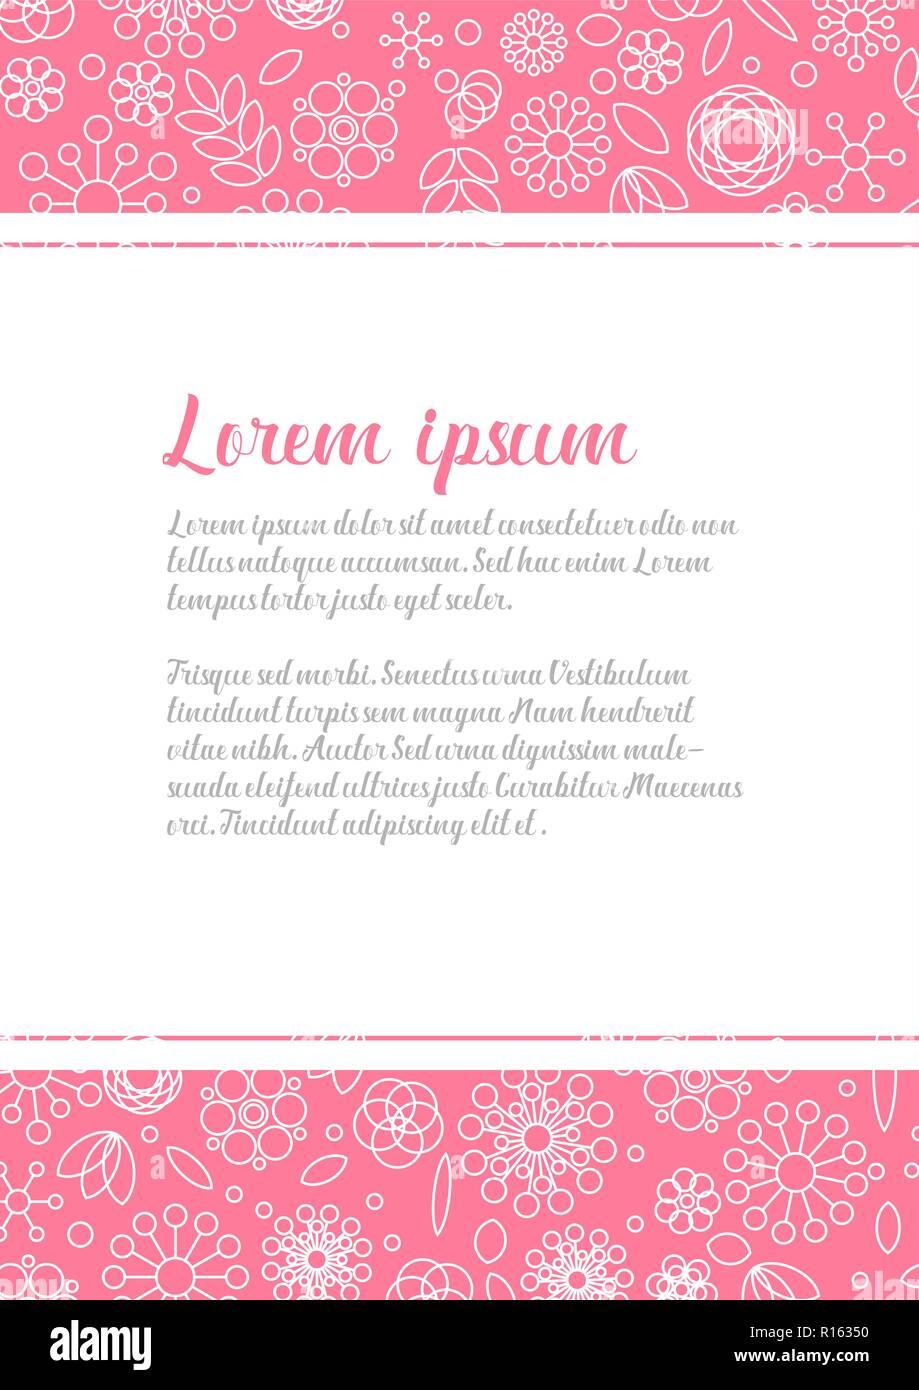 Modele De Lettre D Amour Floral Minimaliste Avec Des Fleurs Simples Realises A Partir De Formes De Base Sur L Arriere Plan Image Vectorielle Stock Alamy